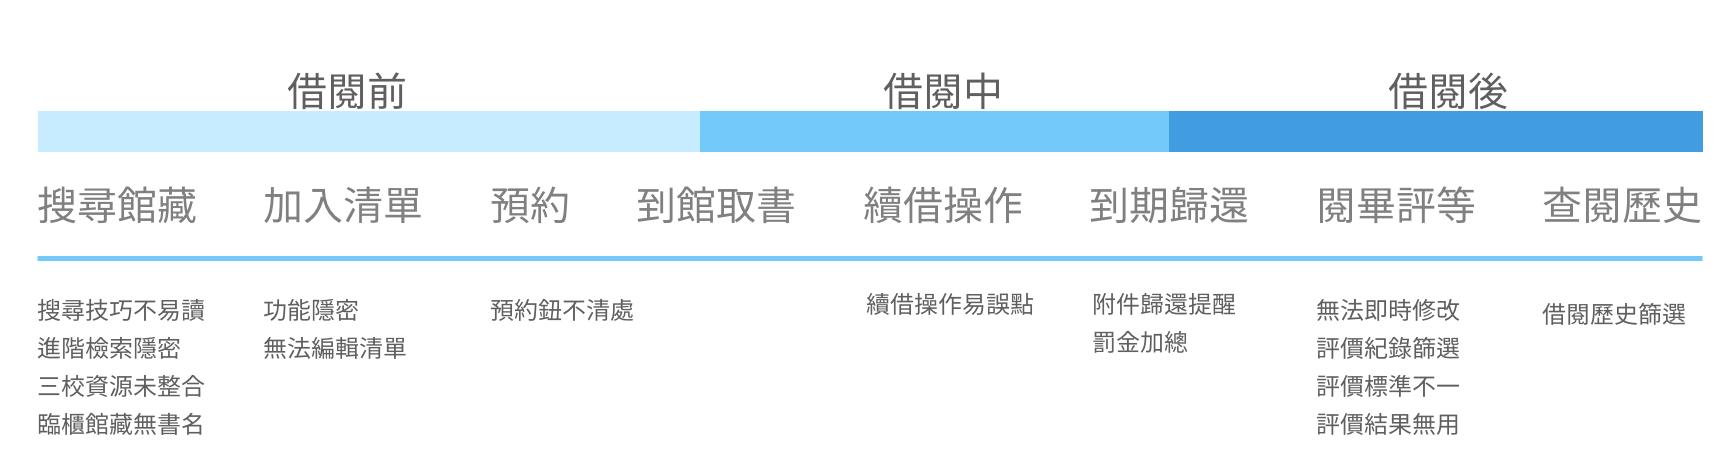 臺灣科大圖書館 網頁Redesign 前篇 — 設計研究. 這次的產品設計課下半學期進行的專案是UX… | by Ivy Shih | Jun ...